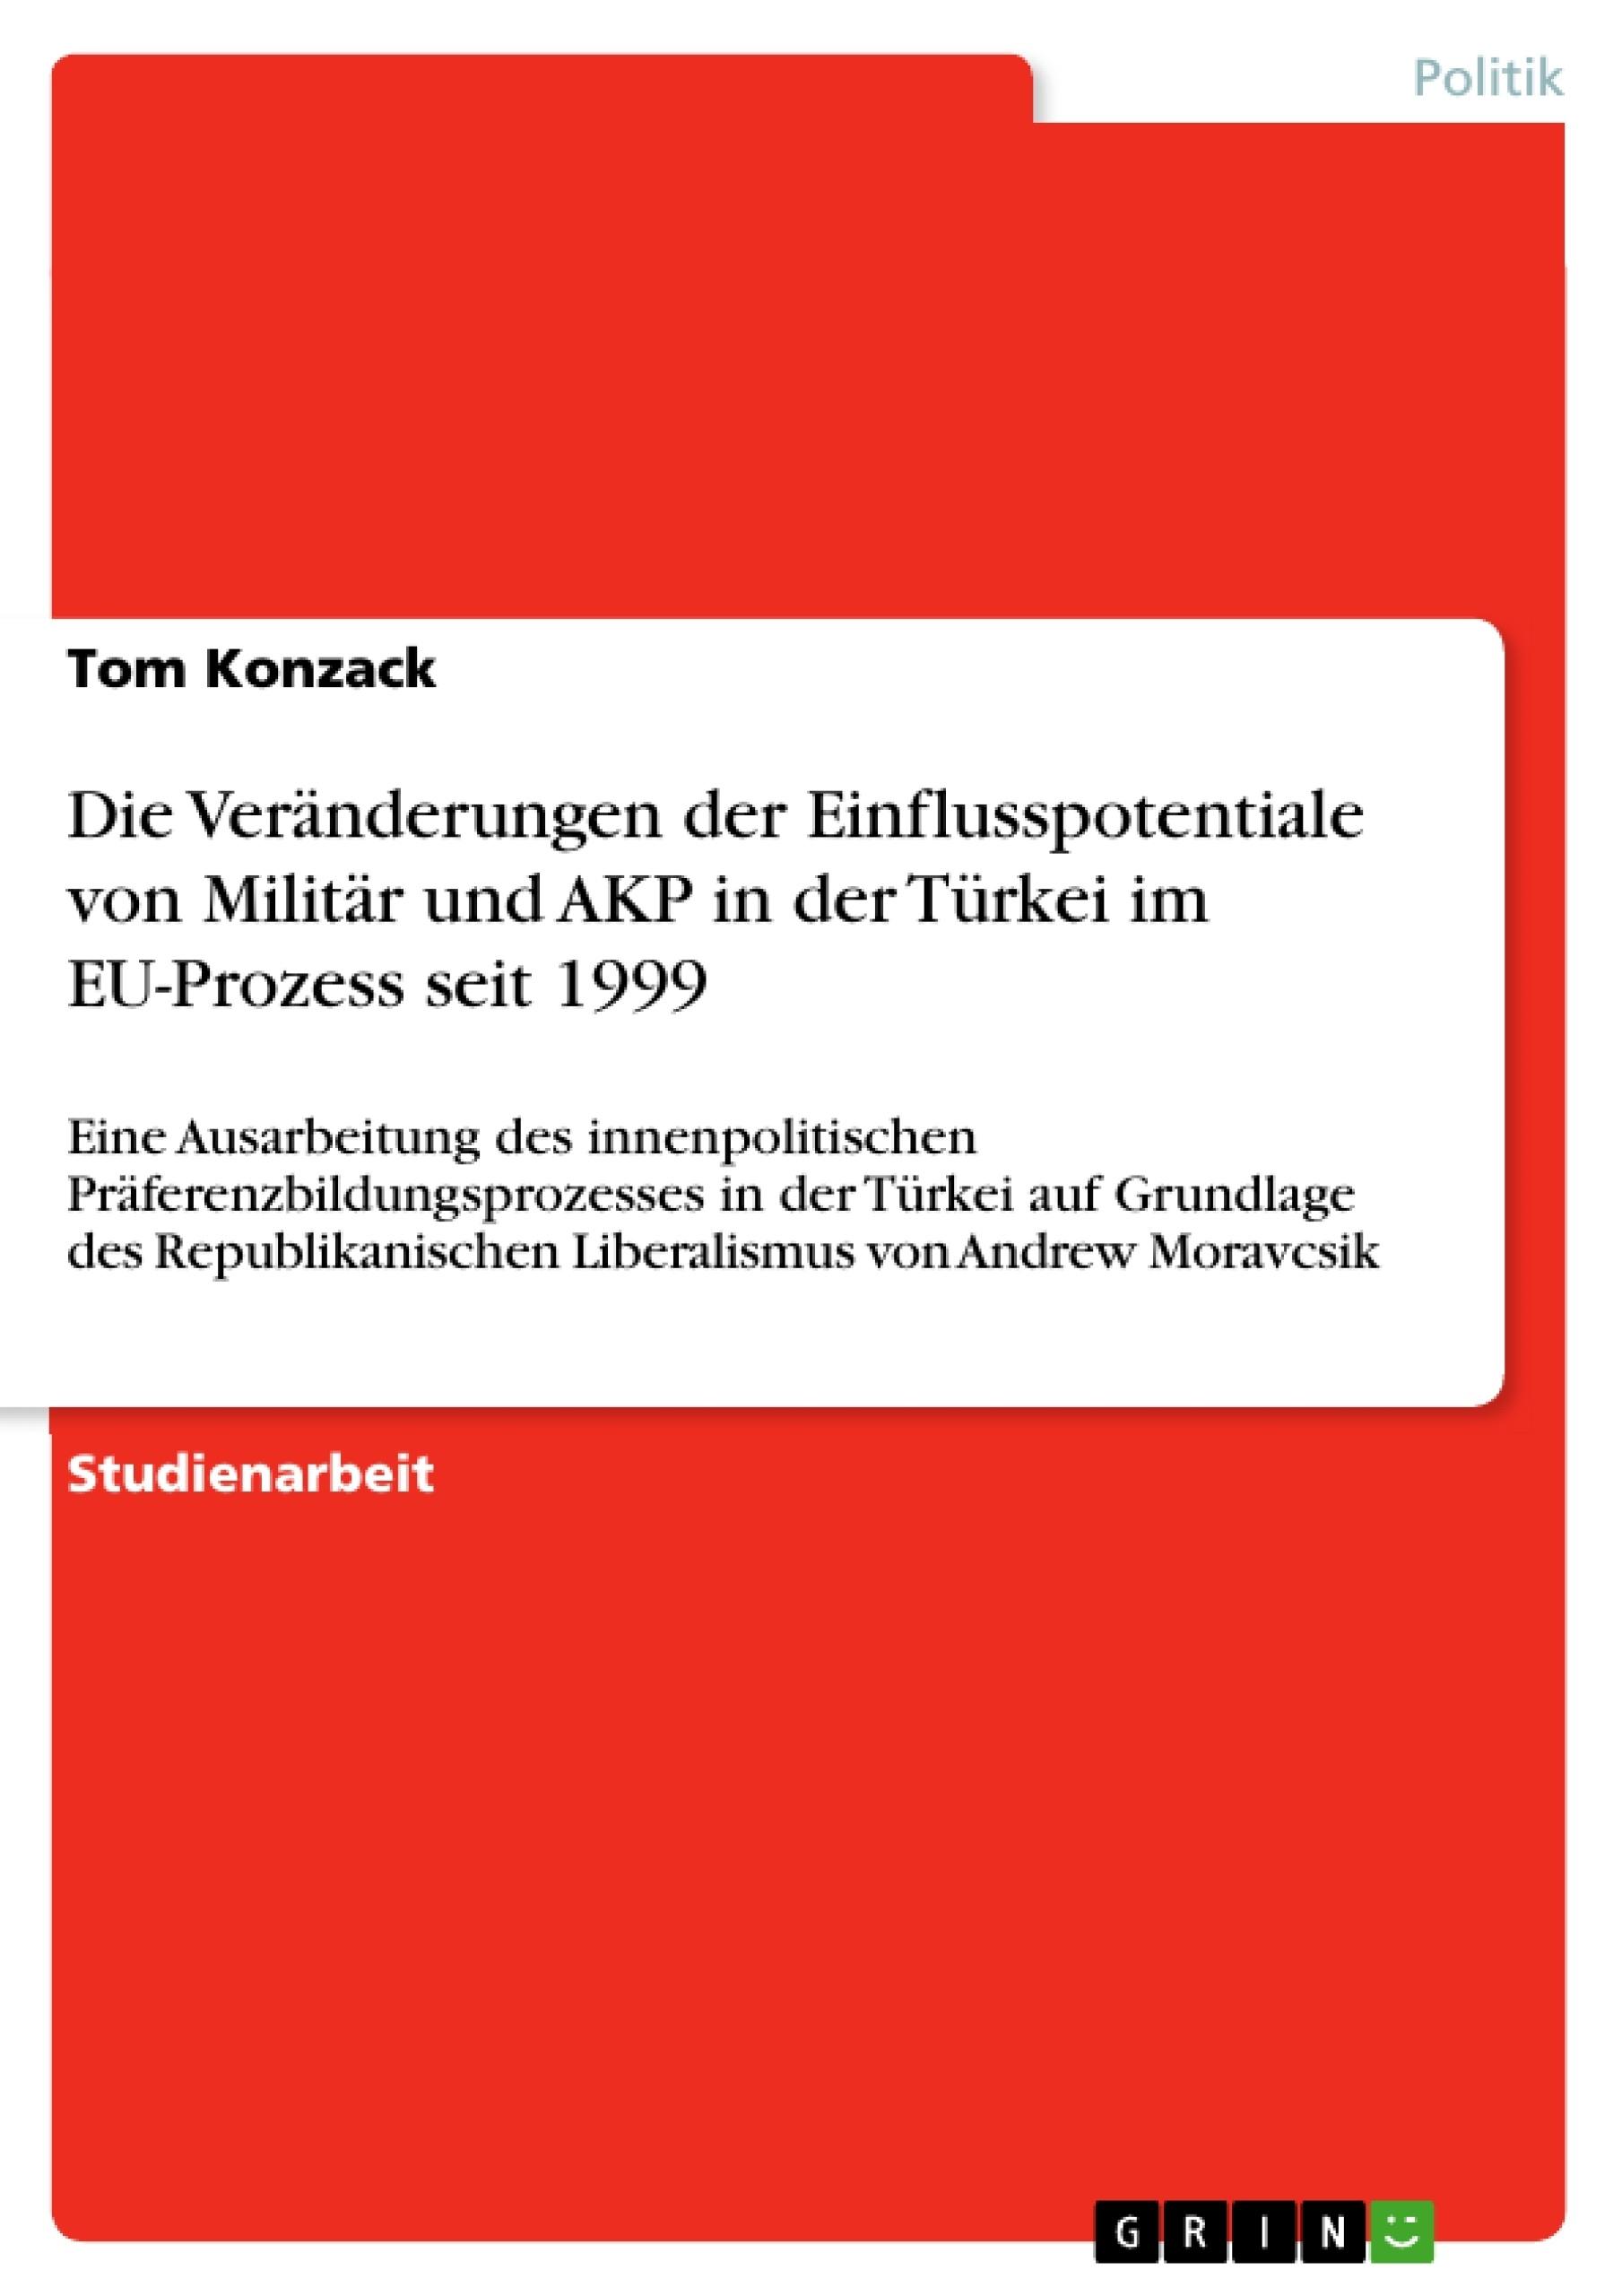 Titel: Die Veränderungen der Einflusspotentiale von Militär und AKP in der Türkei im EU-Prozess seit 1999